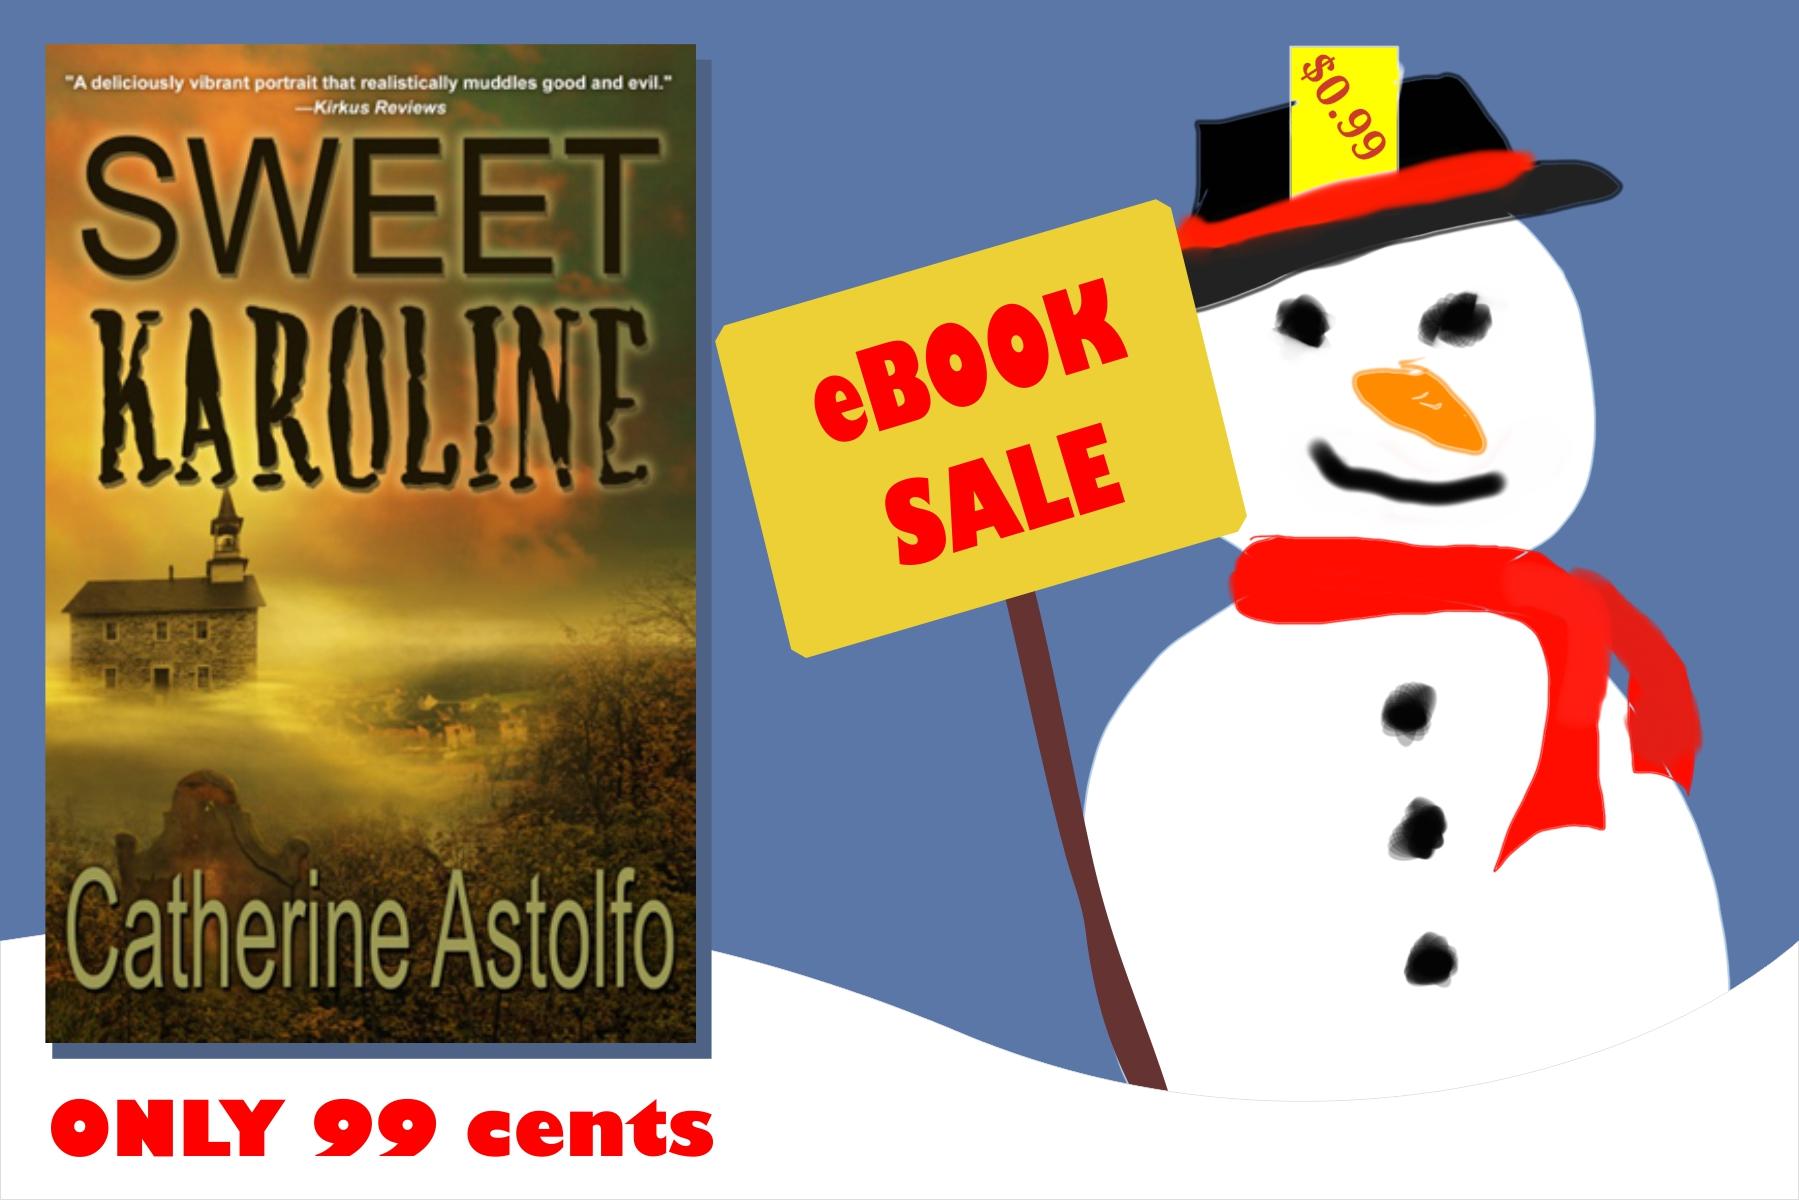 snowman-astolfo-sweetkaroline